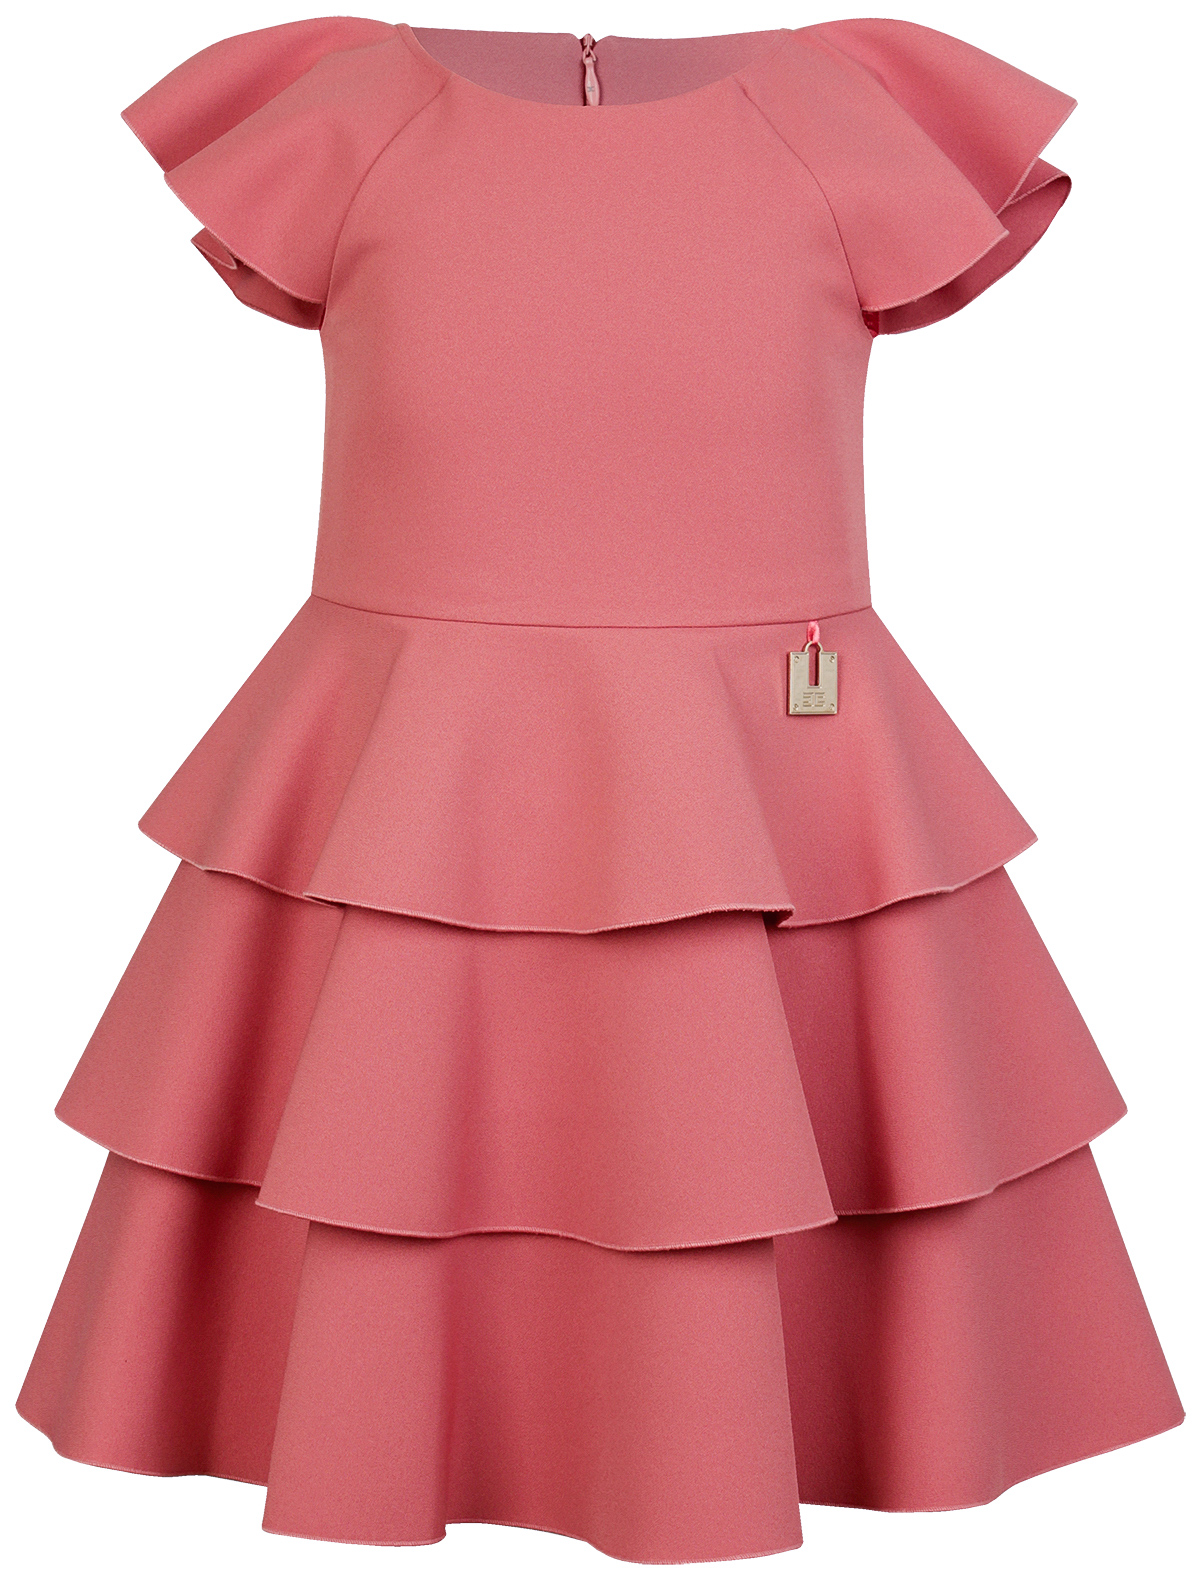 Купить 1991462, Платье ELISABETTA FRANCHI, розовый, Женский, 1052609970726